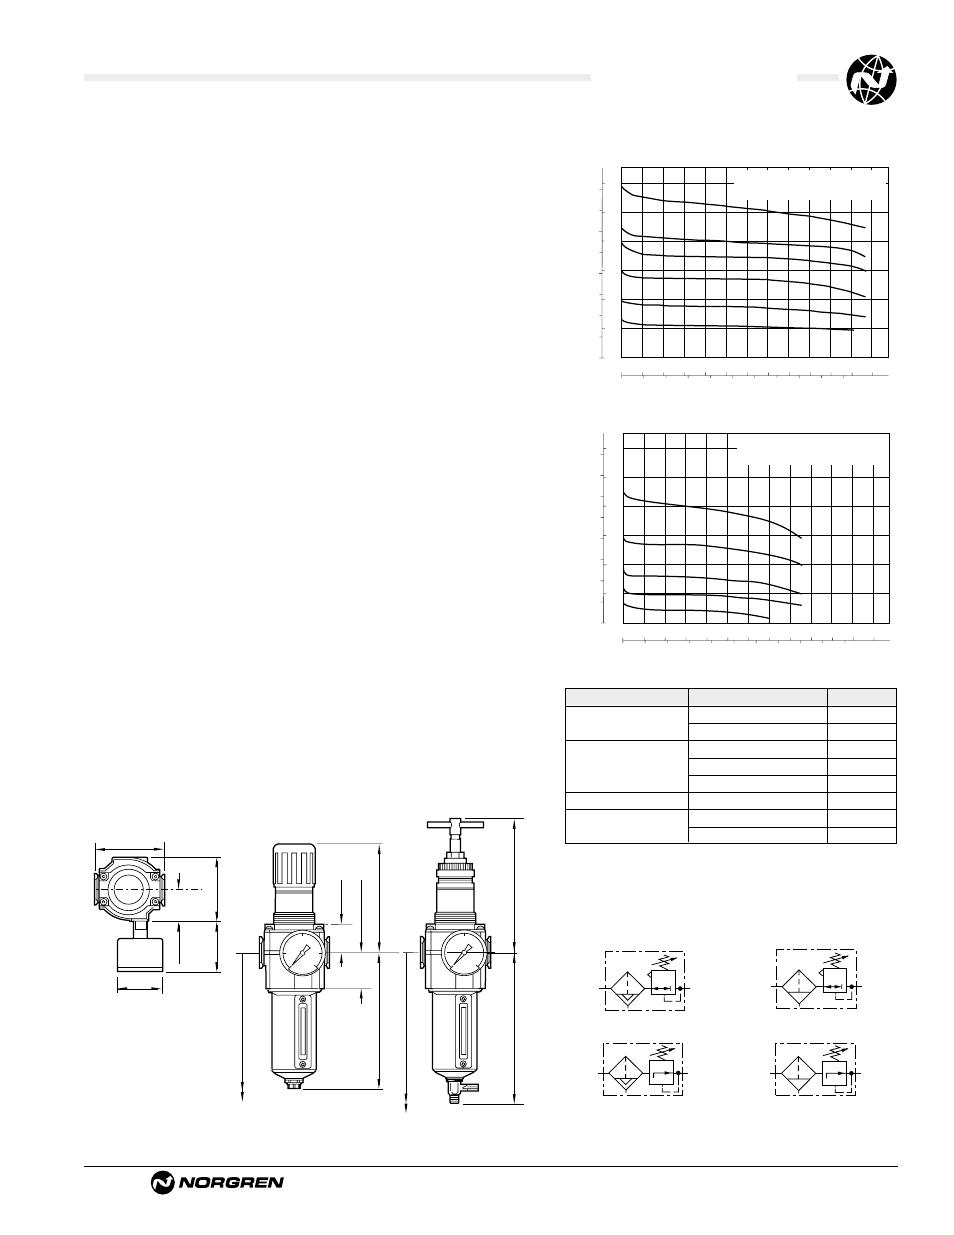 Pneumatic Schematic Symbols Smc Trusted Wiring Diagram